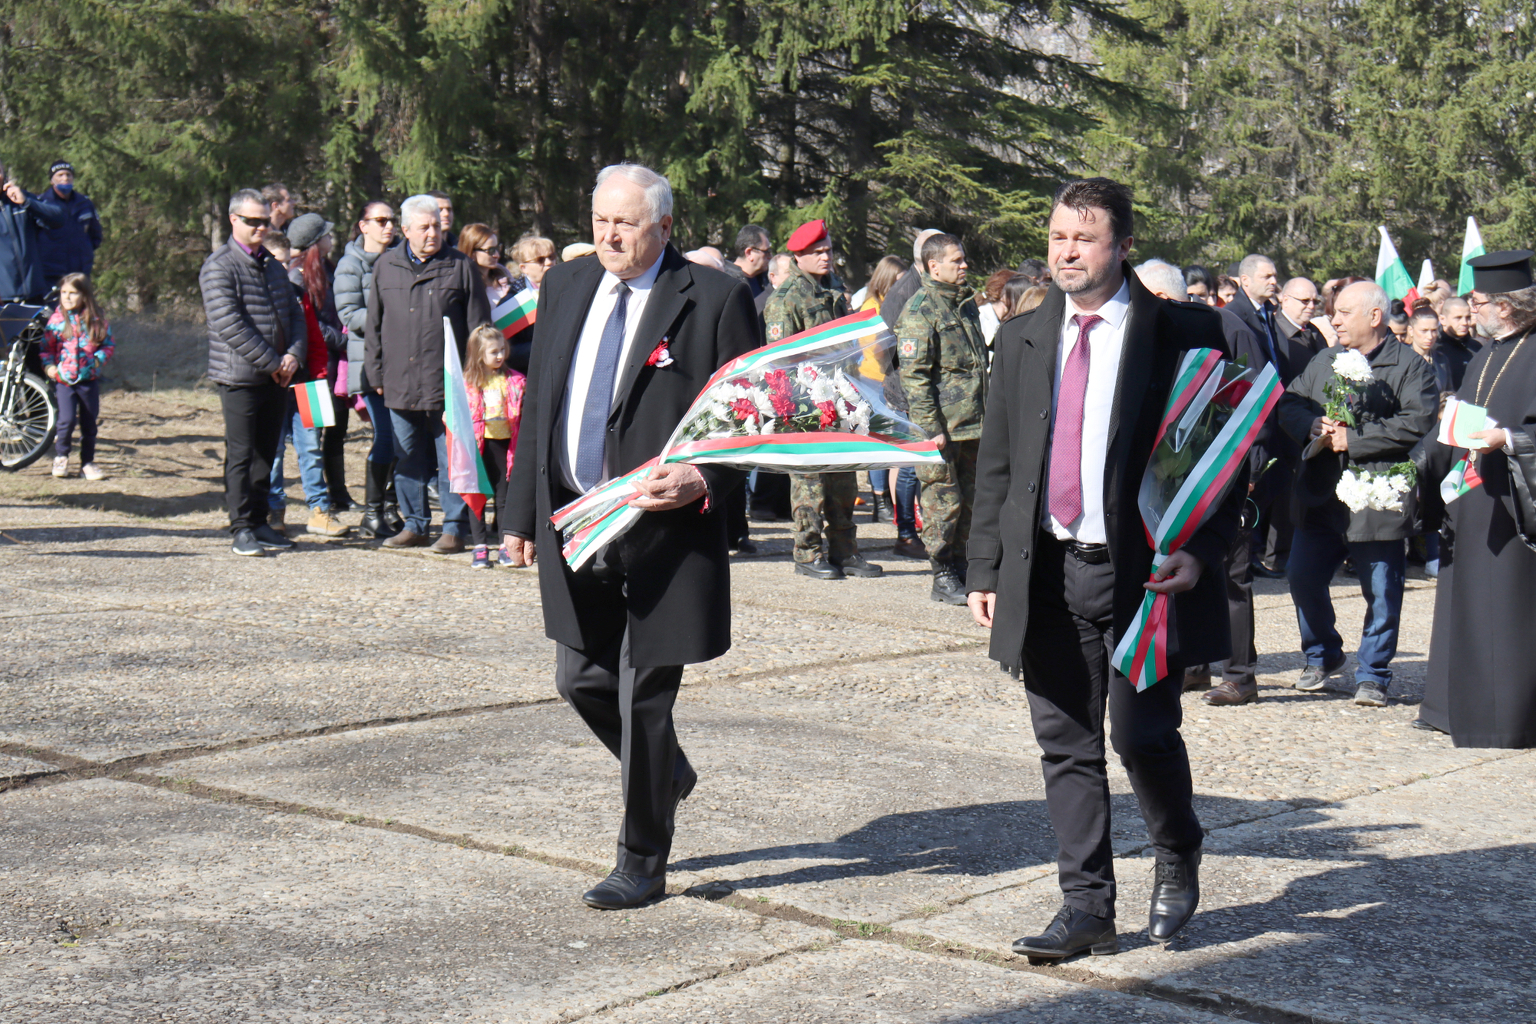 Ген. Кольо Милев: Трети март винаги е бил празник на възкресението на българската държава